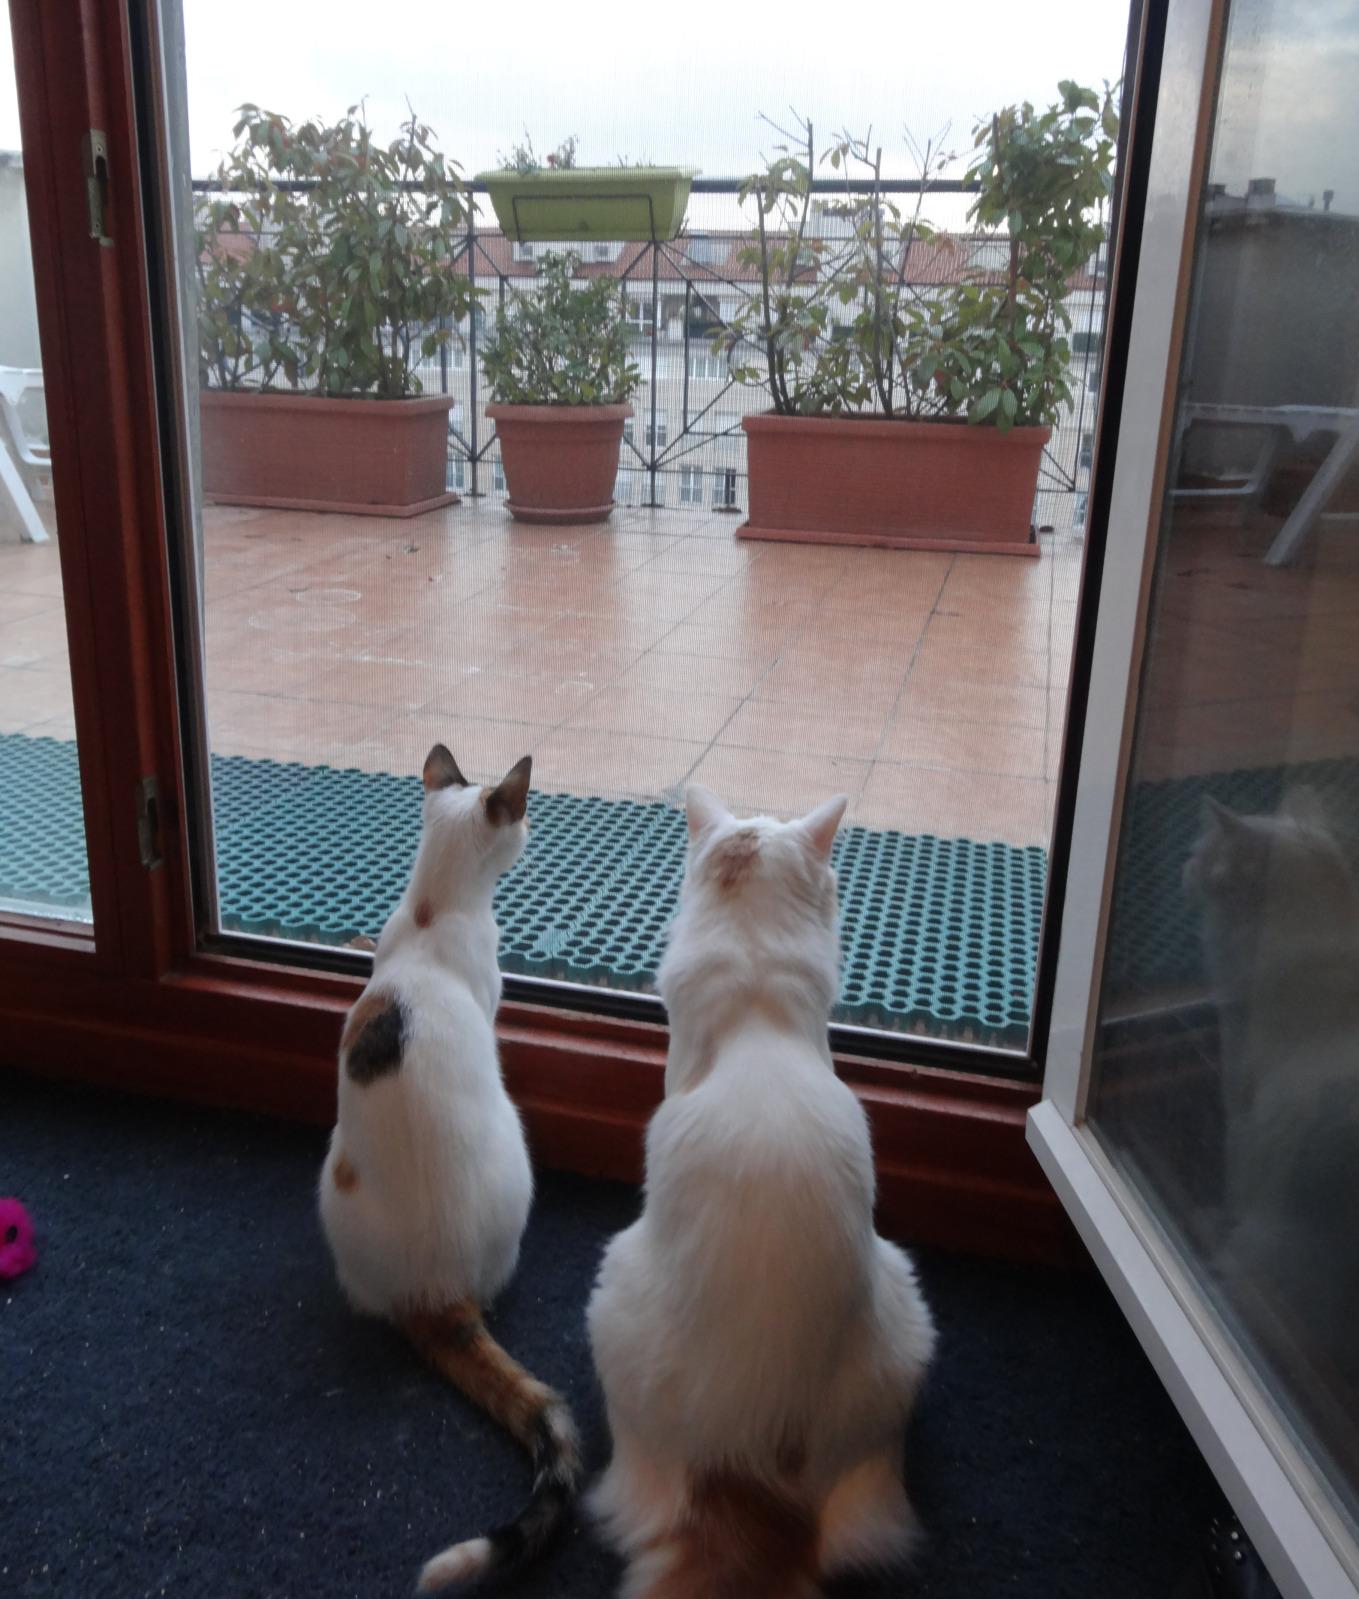 redes - Mosquiteras y redes para las ventanas y cómo proteger a nuestros gatos - Página 10 R1bgg8